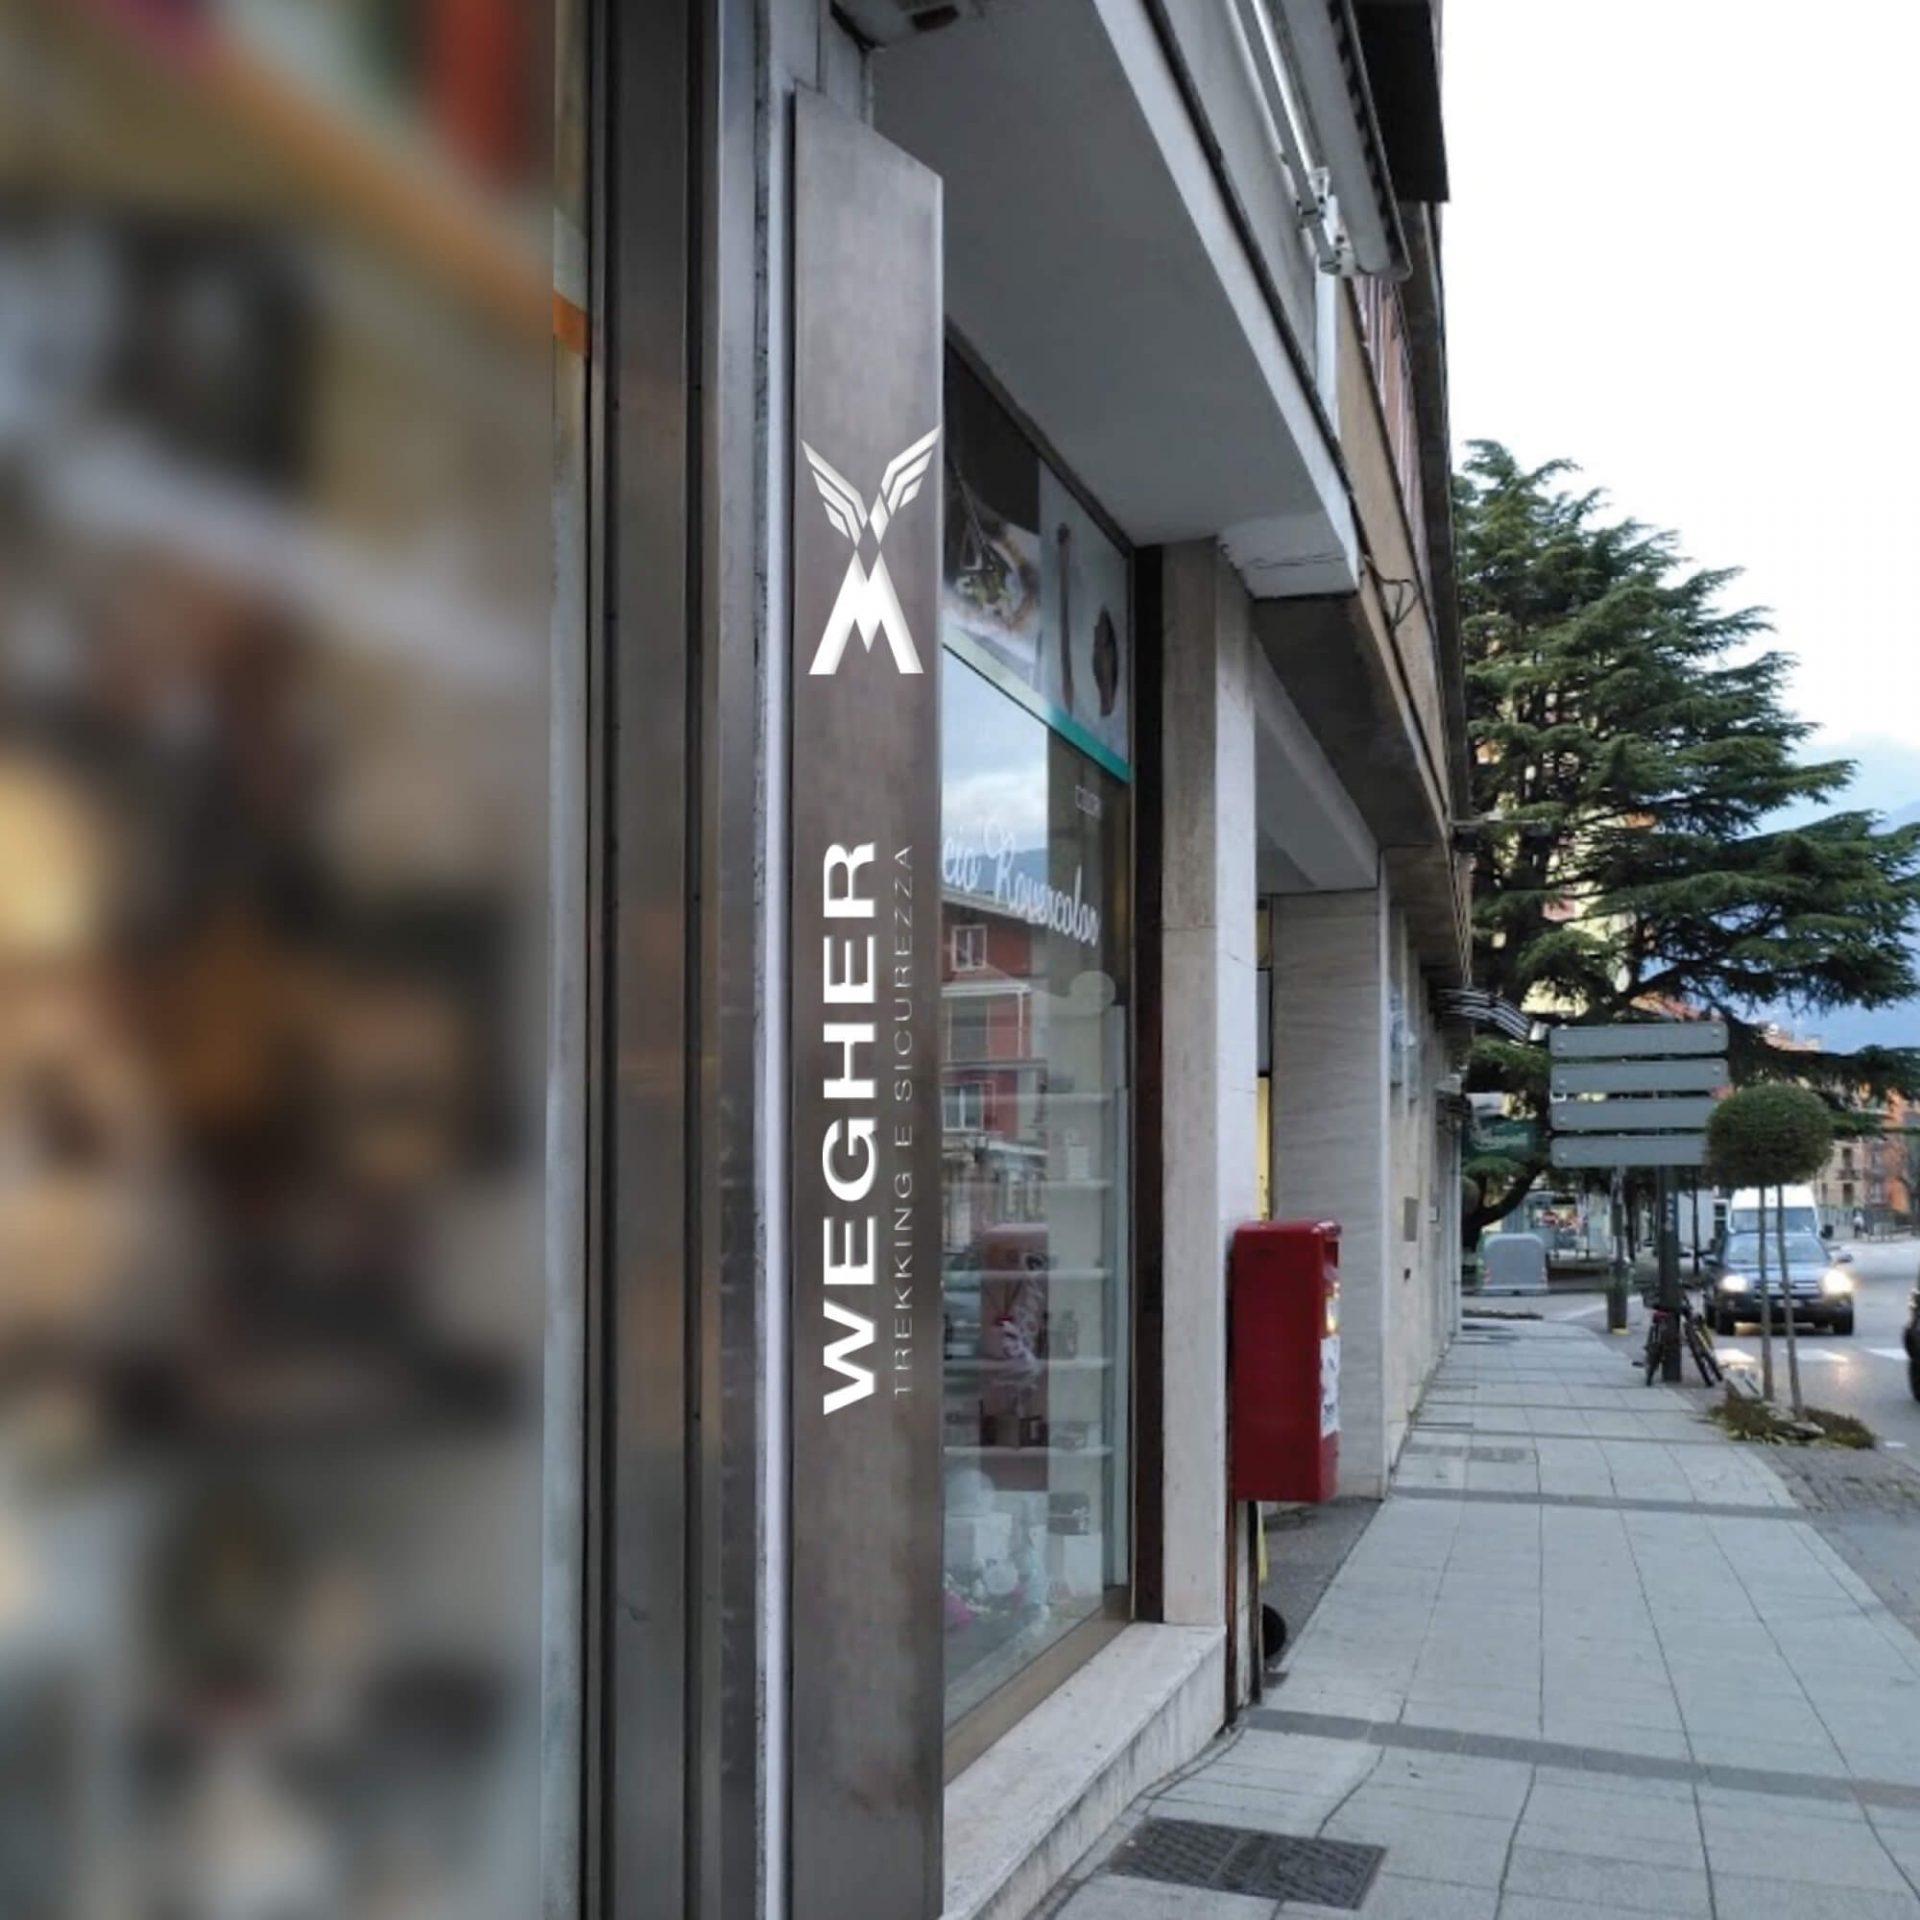 dettaglio insegna negozio creata per punto vendita abbigliamento e coordinata al progetto del marchio e dell'identità aziendale, realizzata da diade studio grafico arco trento